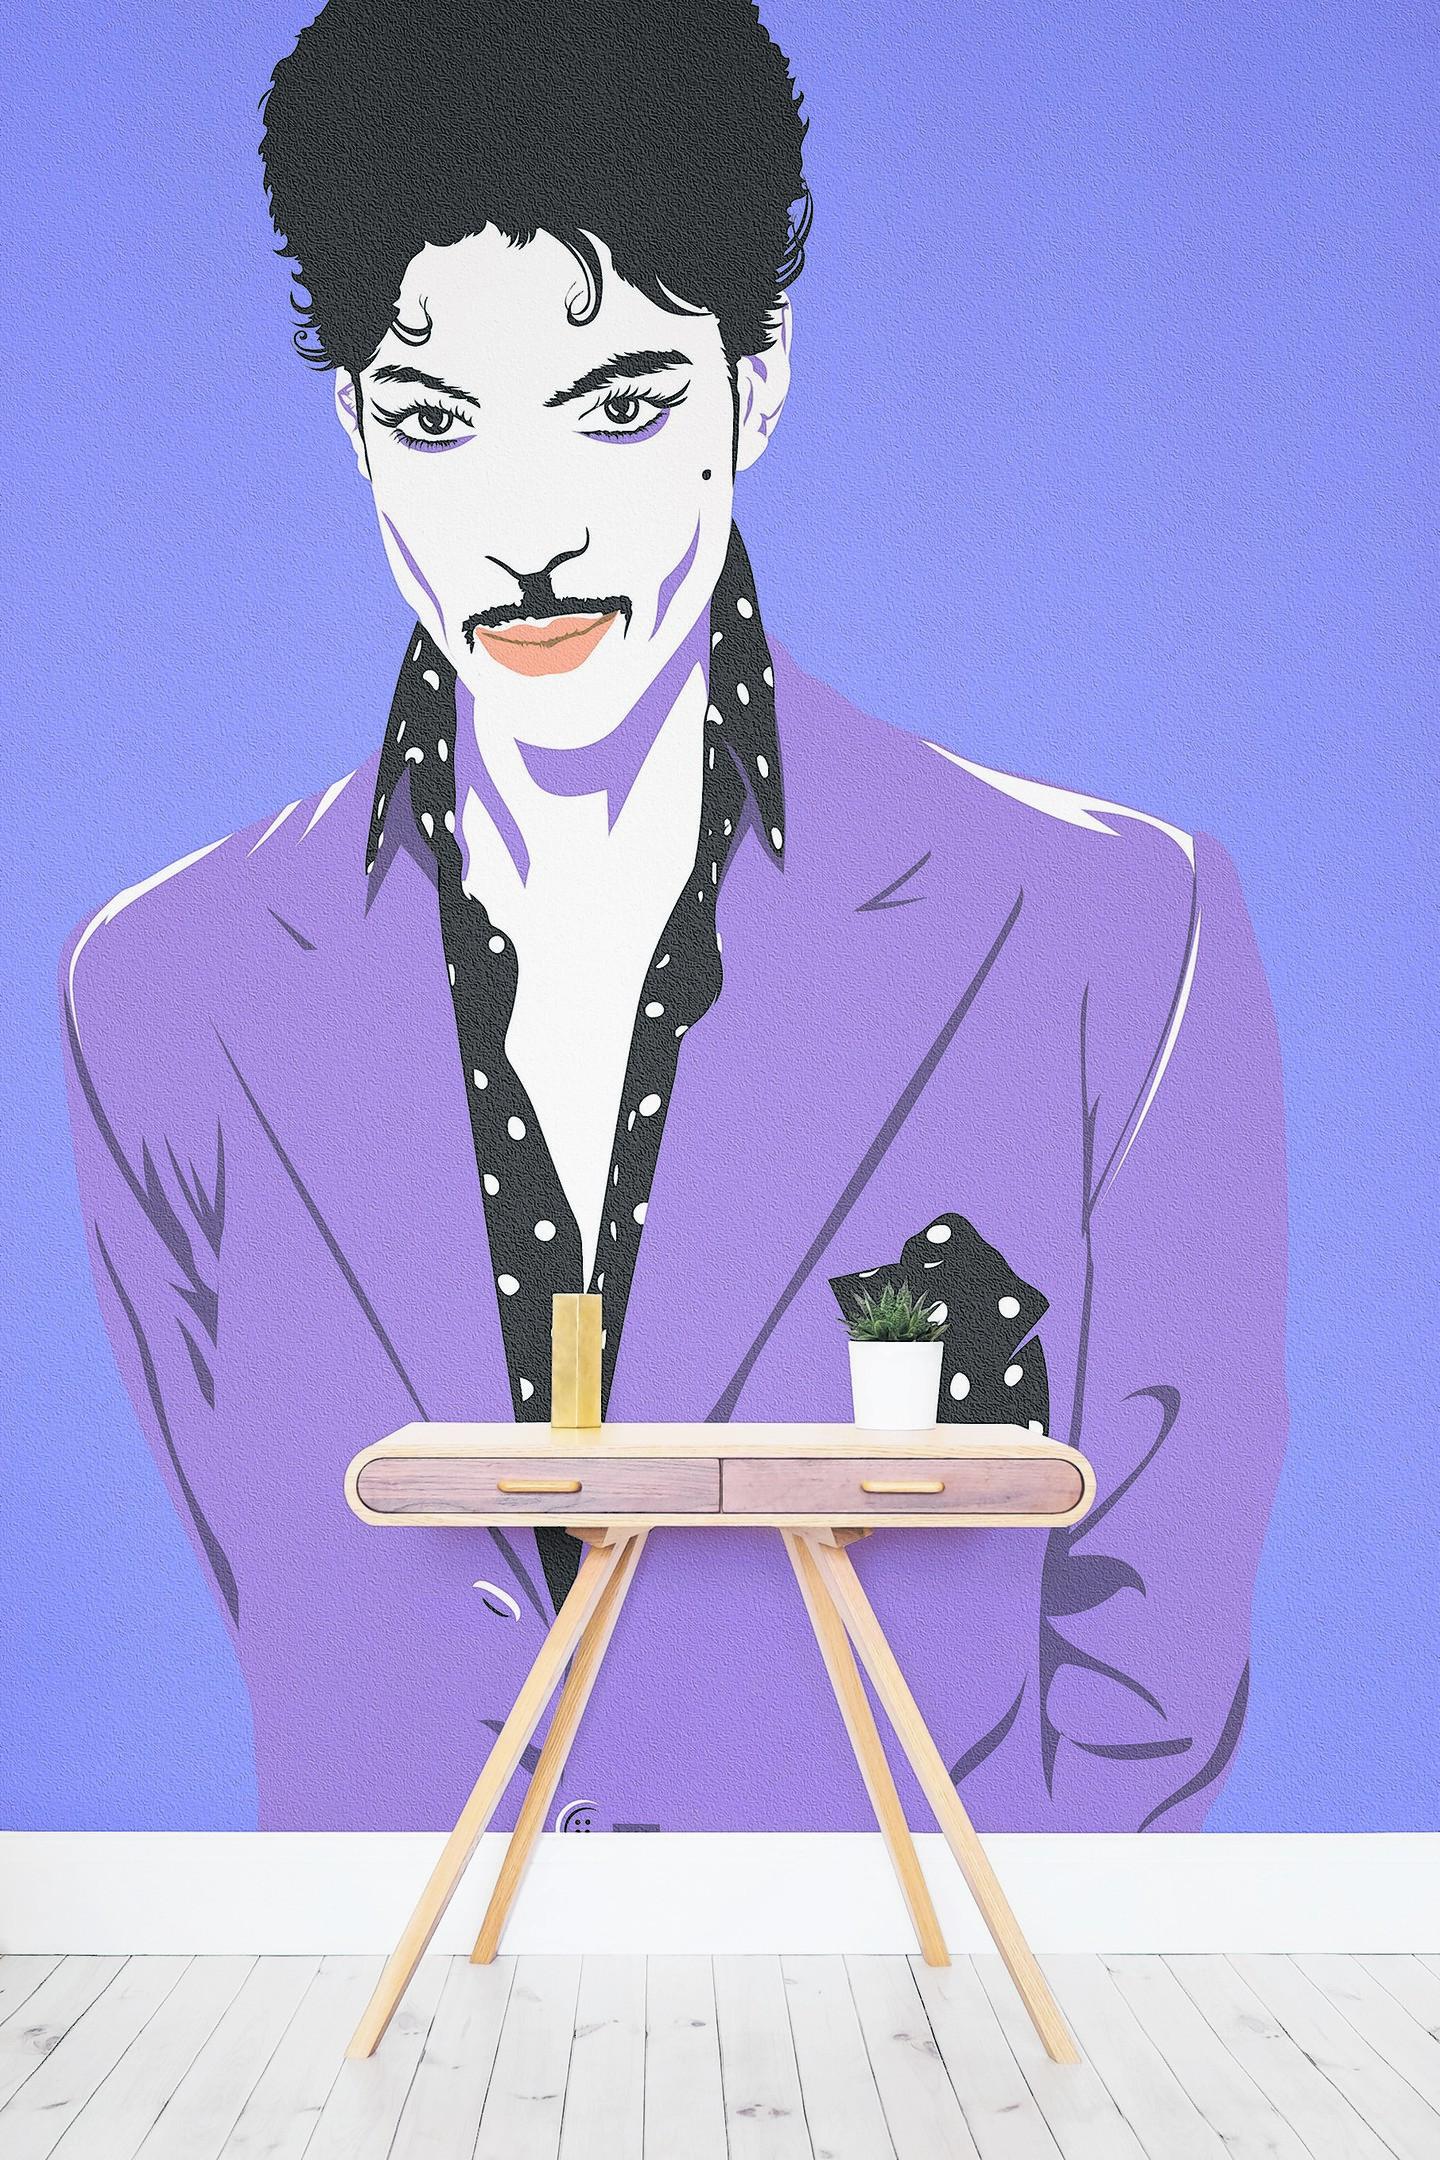 yh-wall-Prince